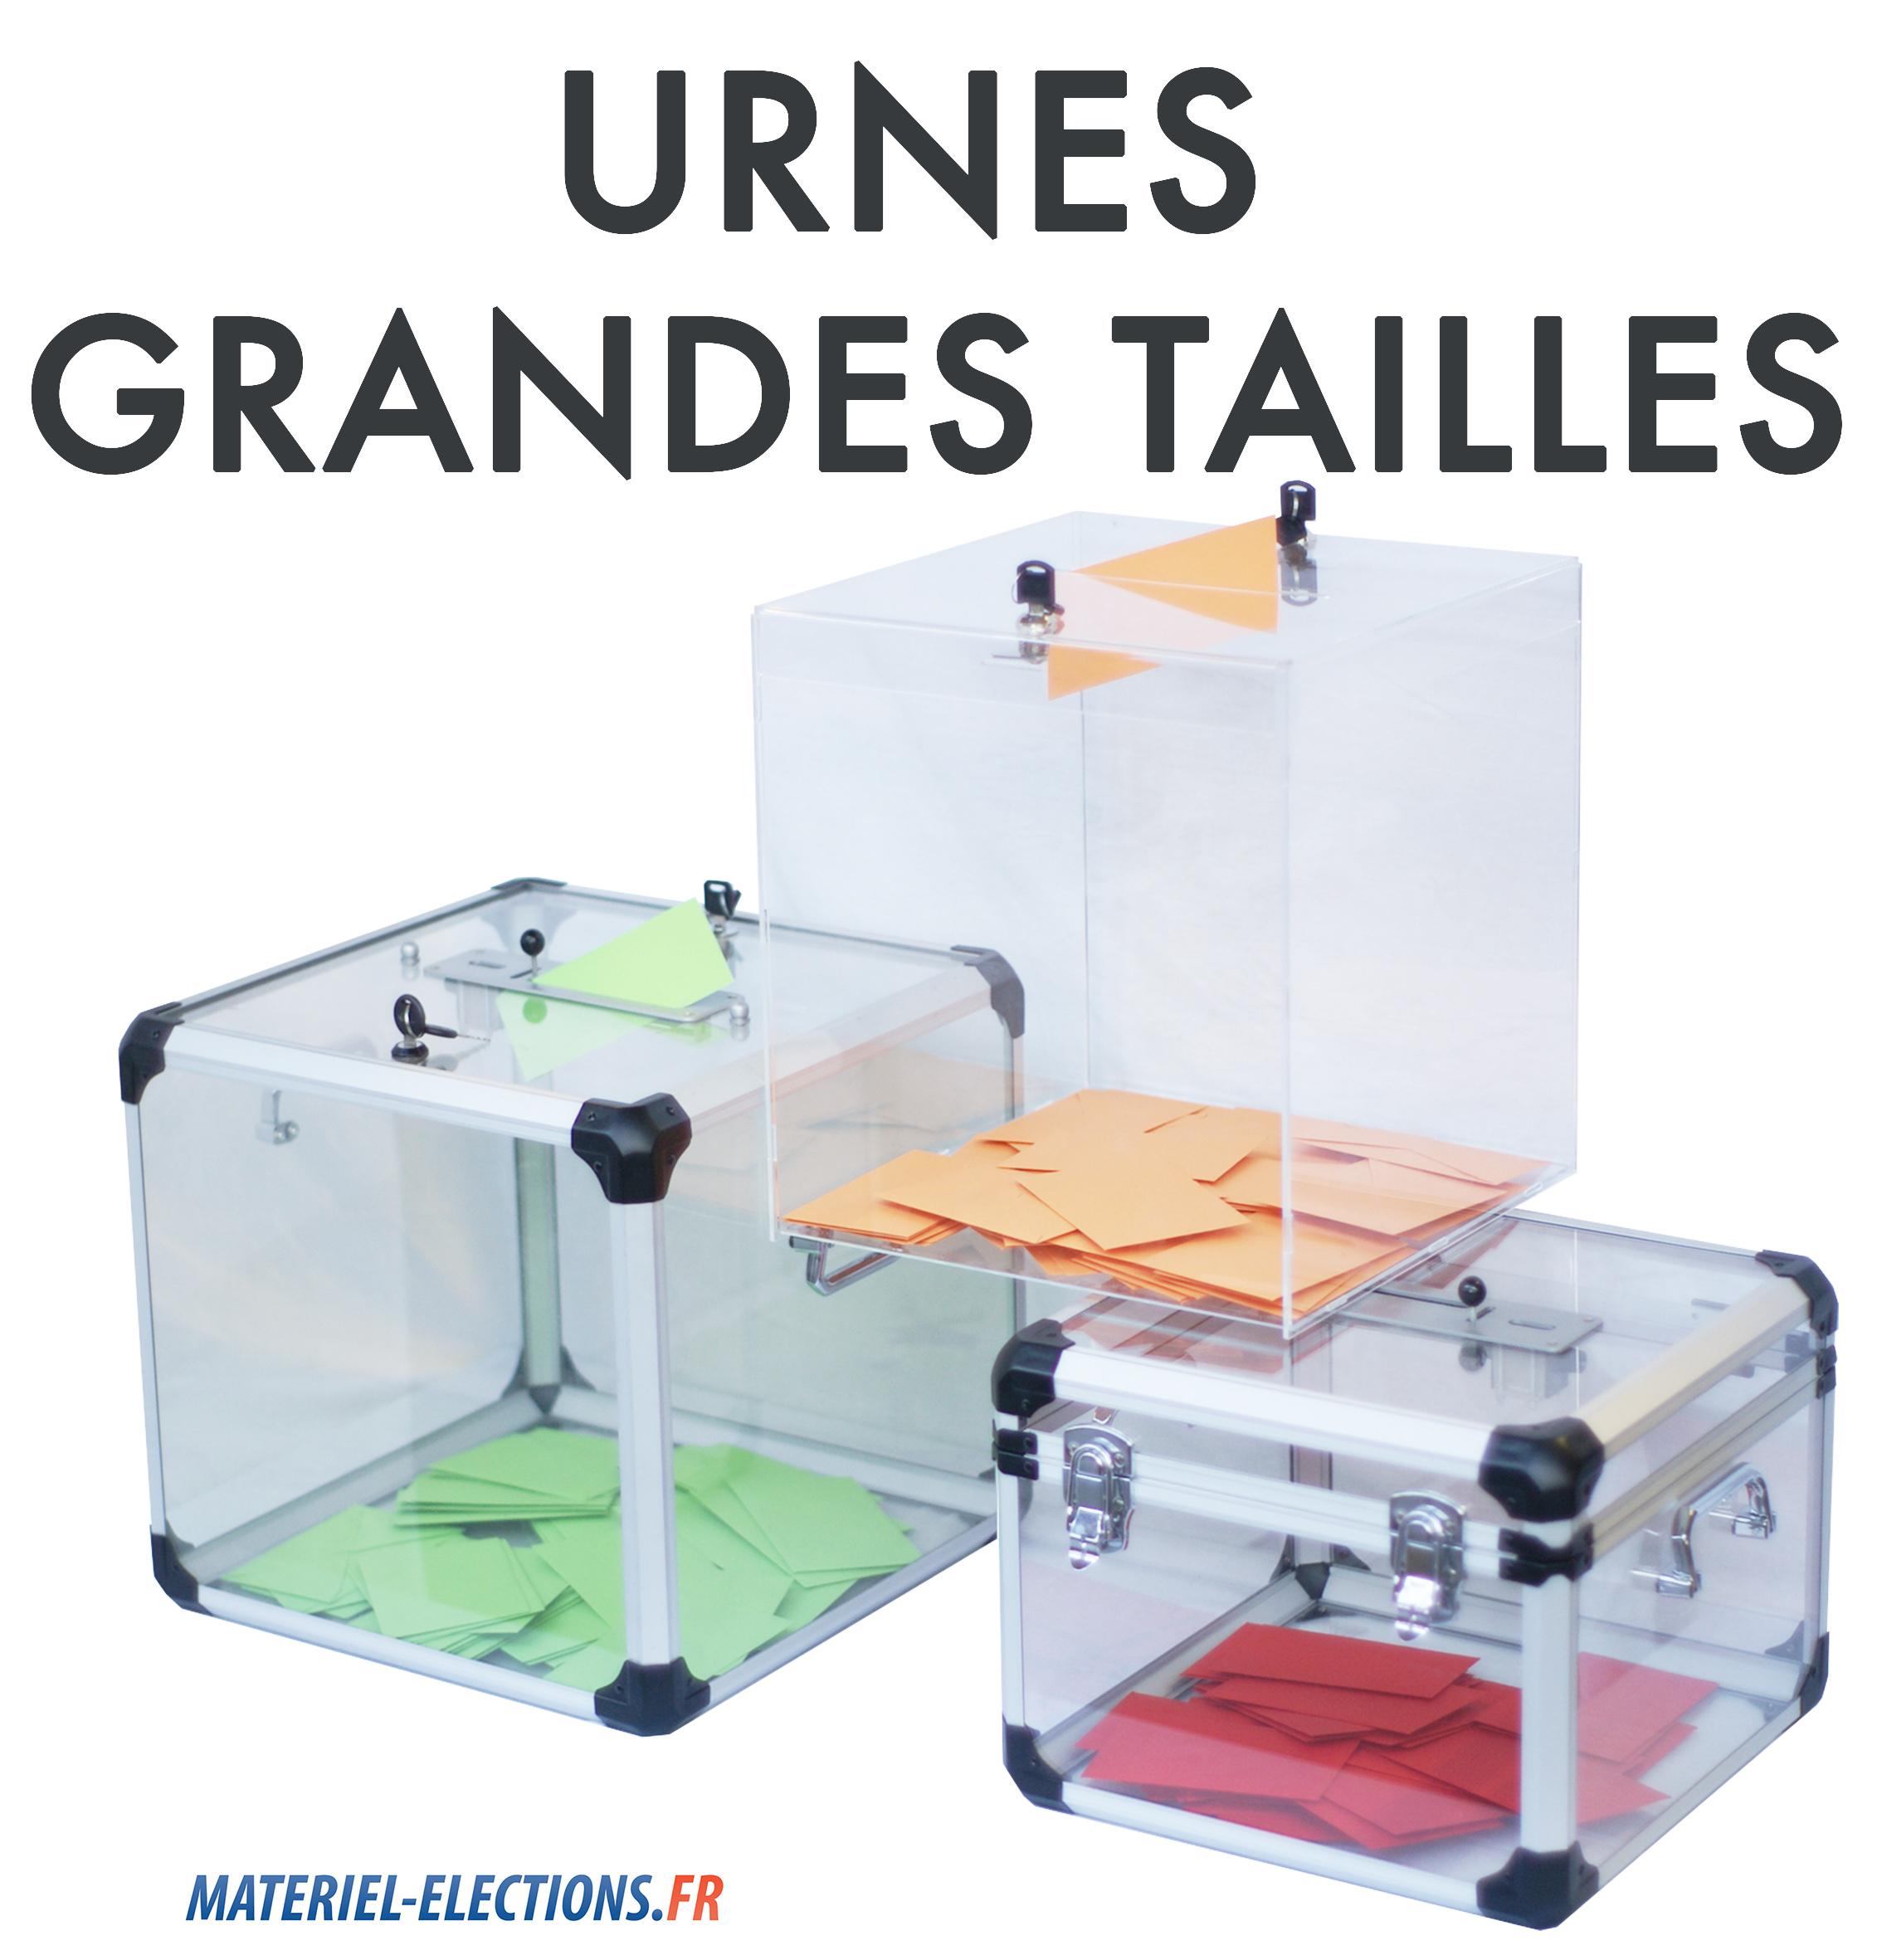 https://www.materiel-elections.fr/98-urnes-de-vote-grande-taille